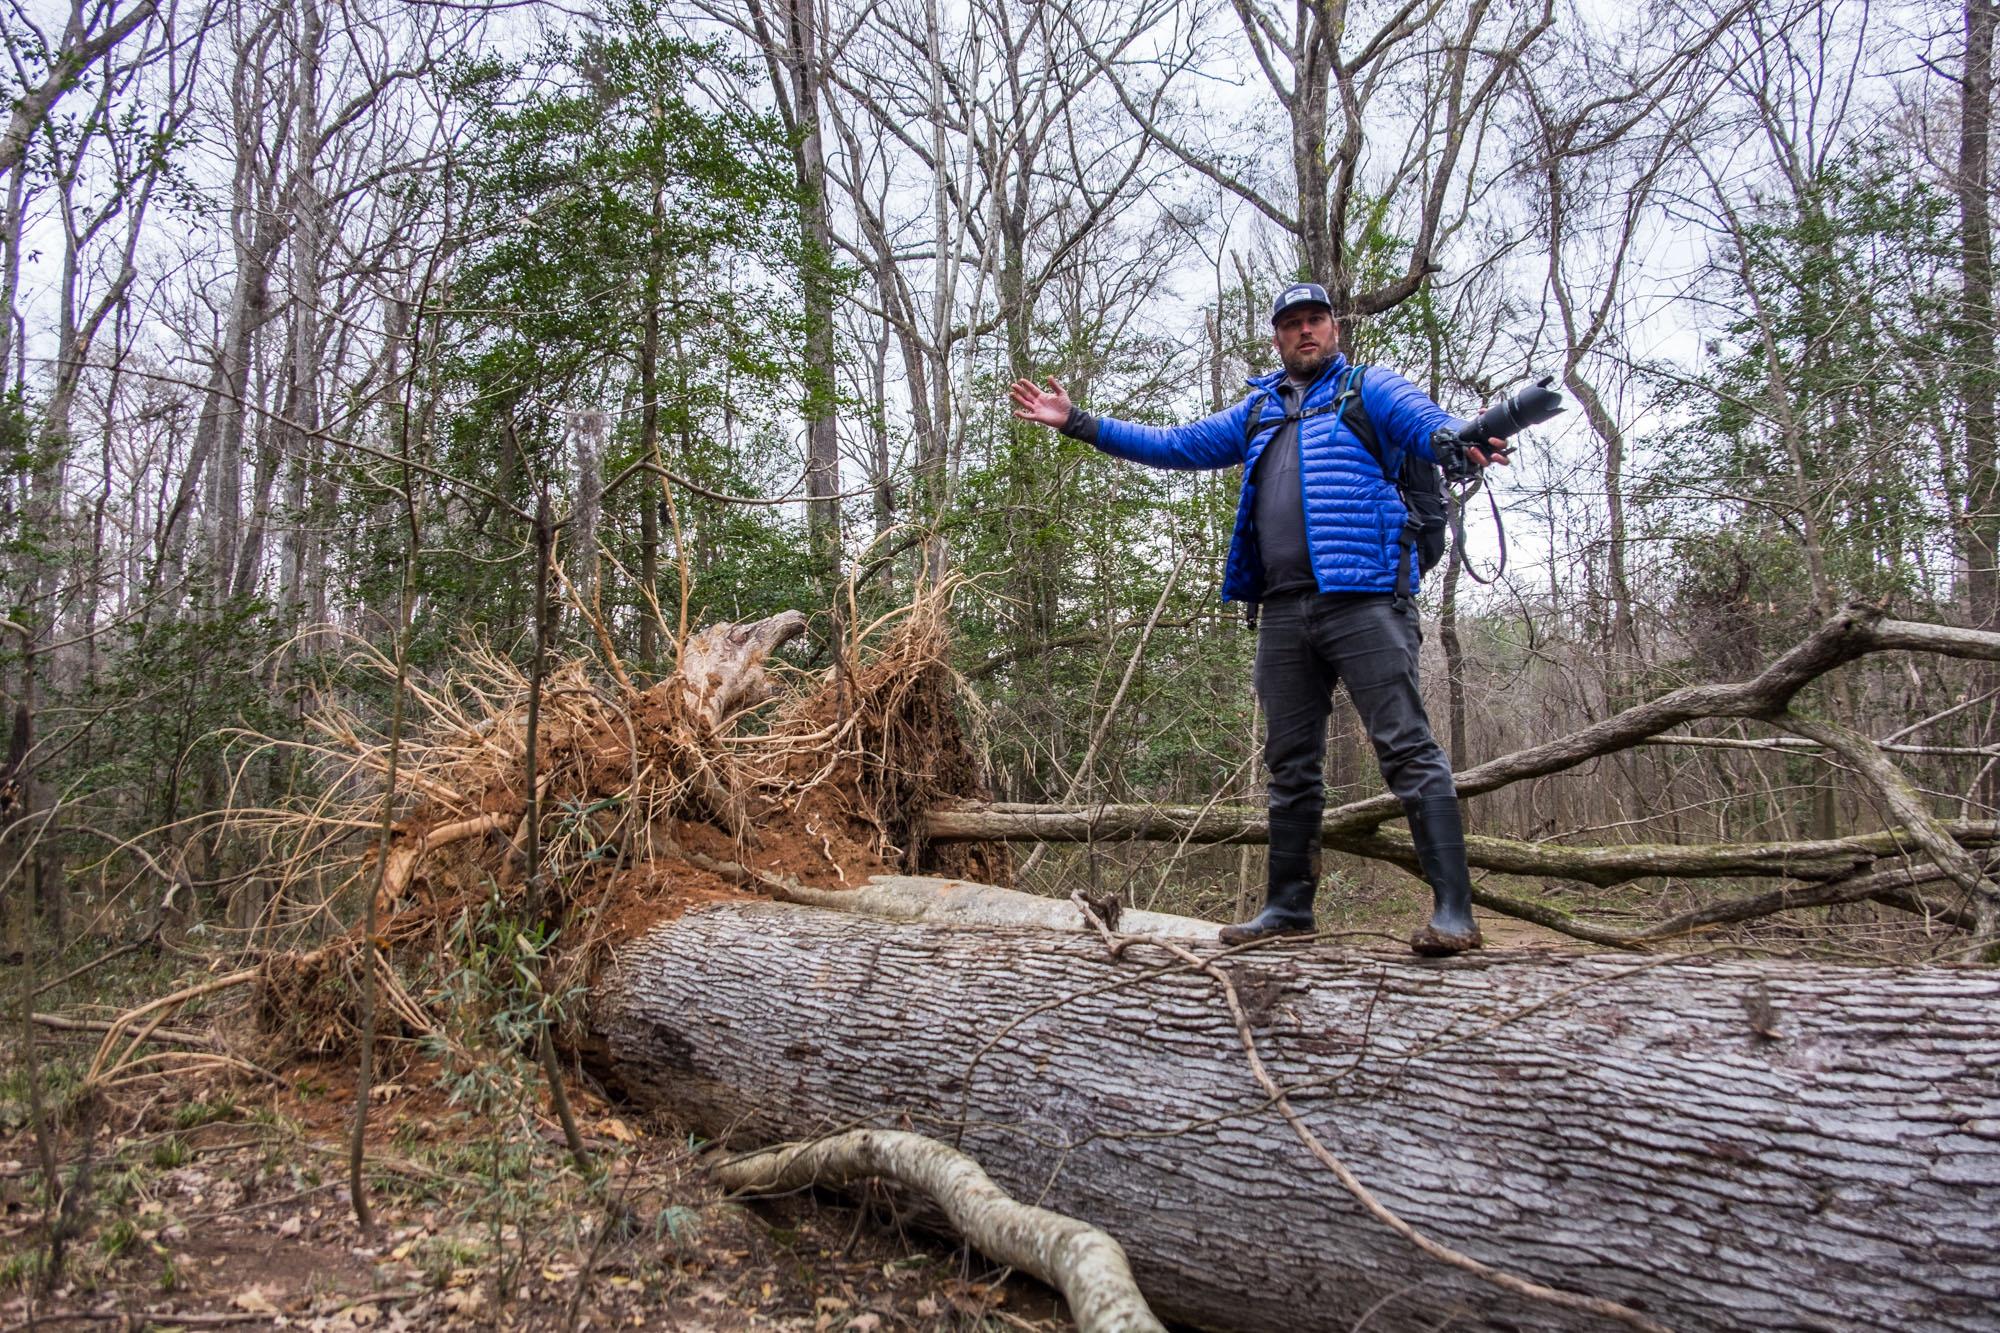 JI climbed a tree.